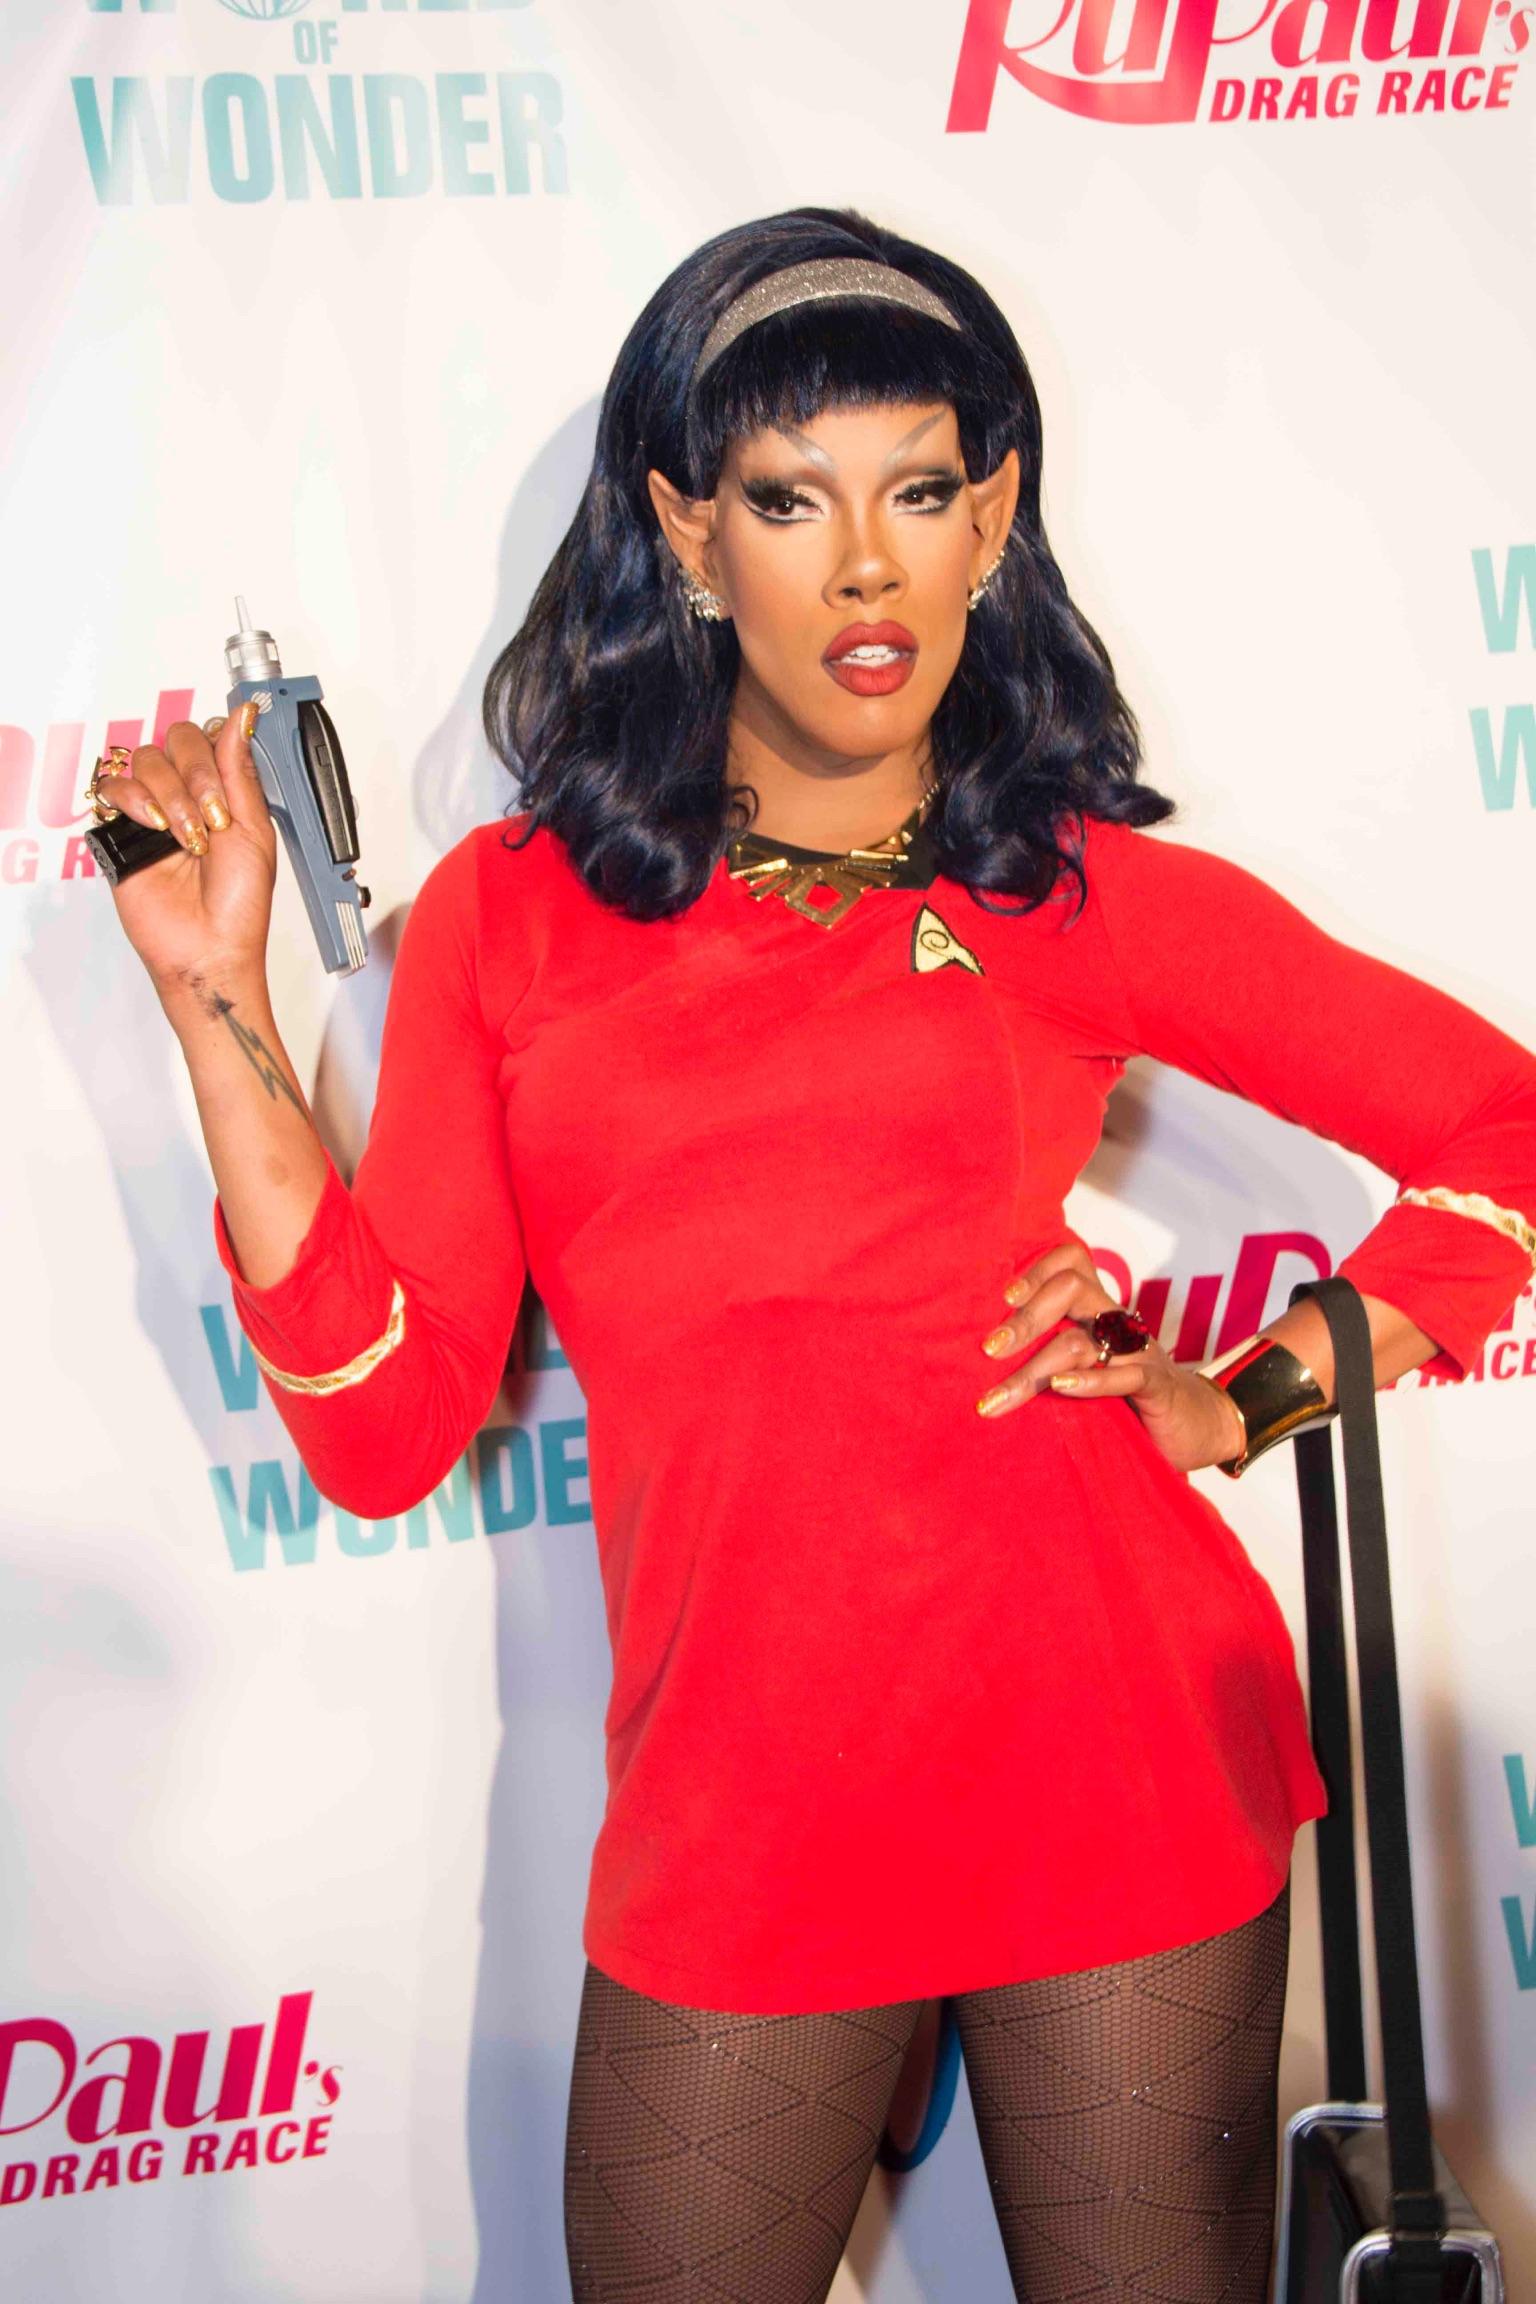 Starfleet Vulcan Drag Race Premiere